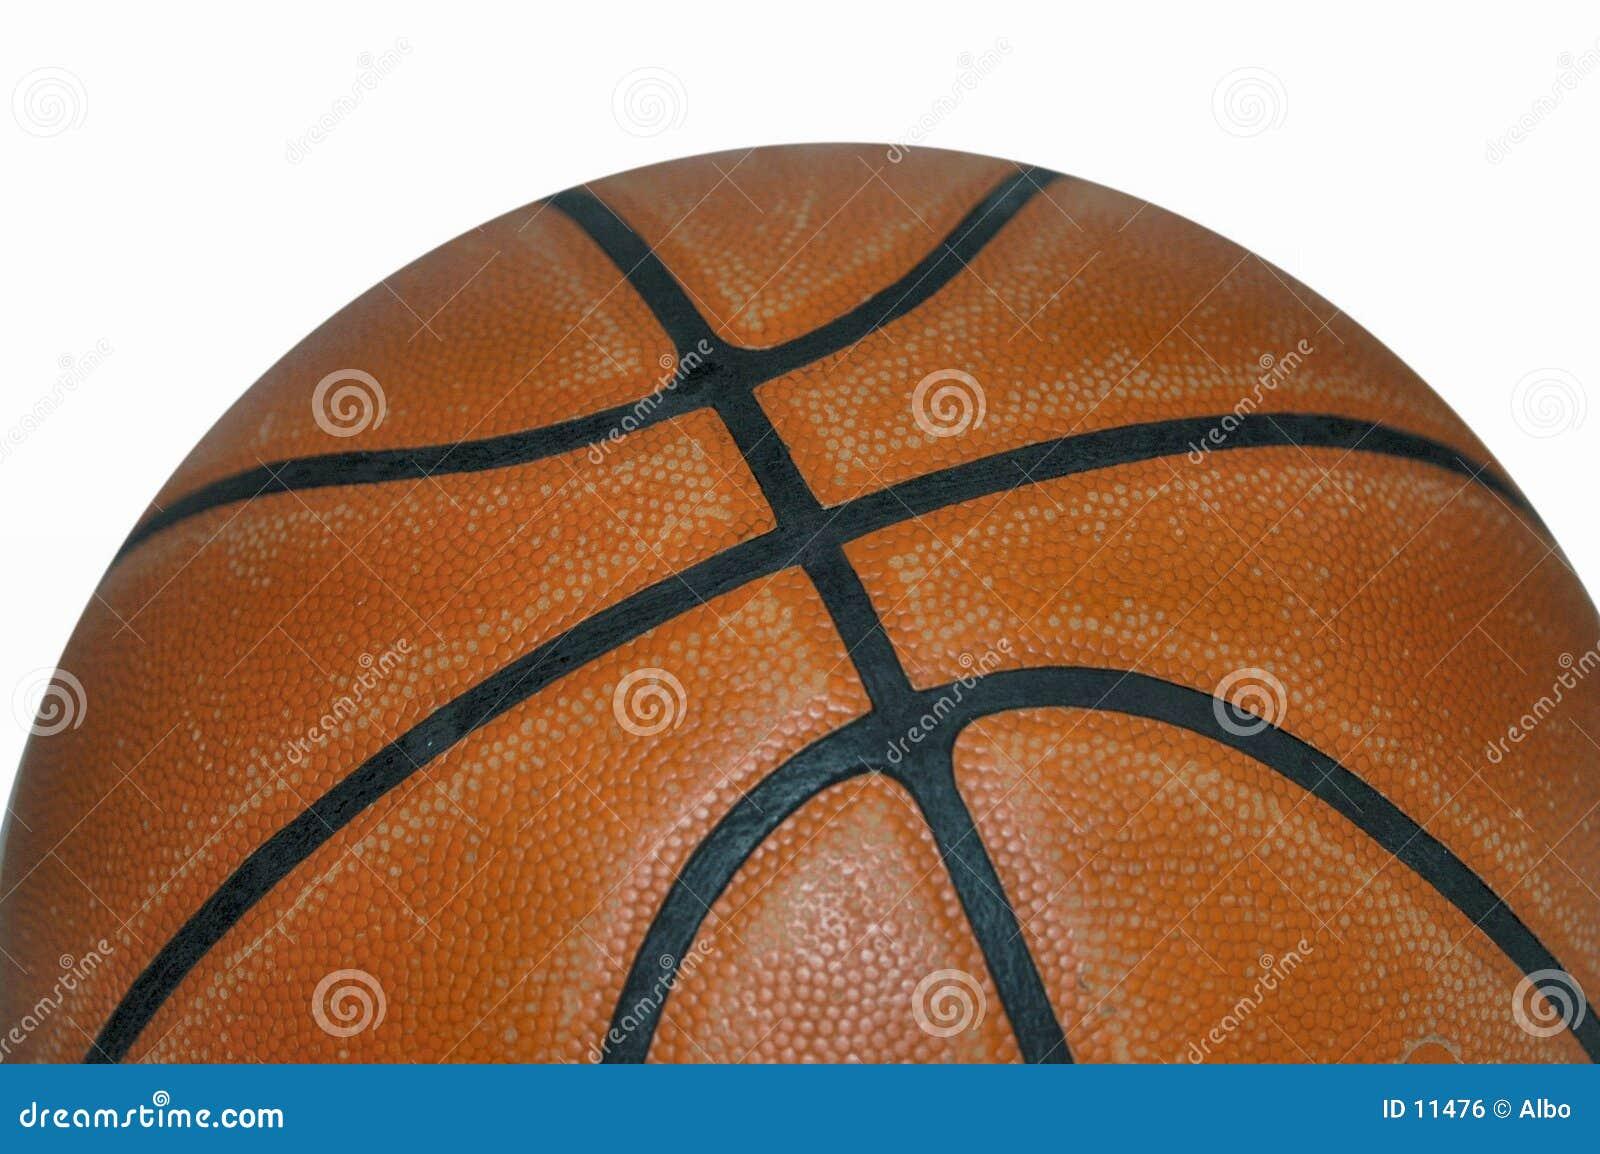 Half basket